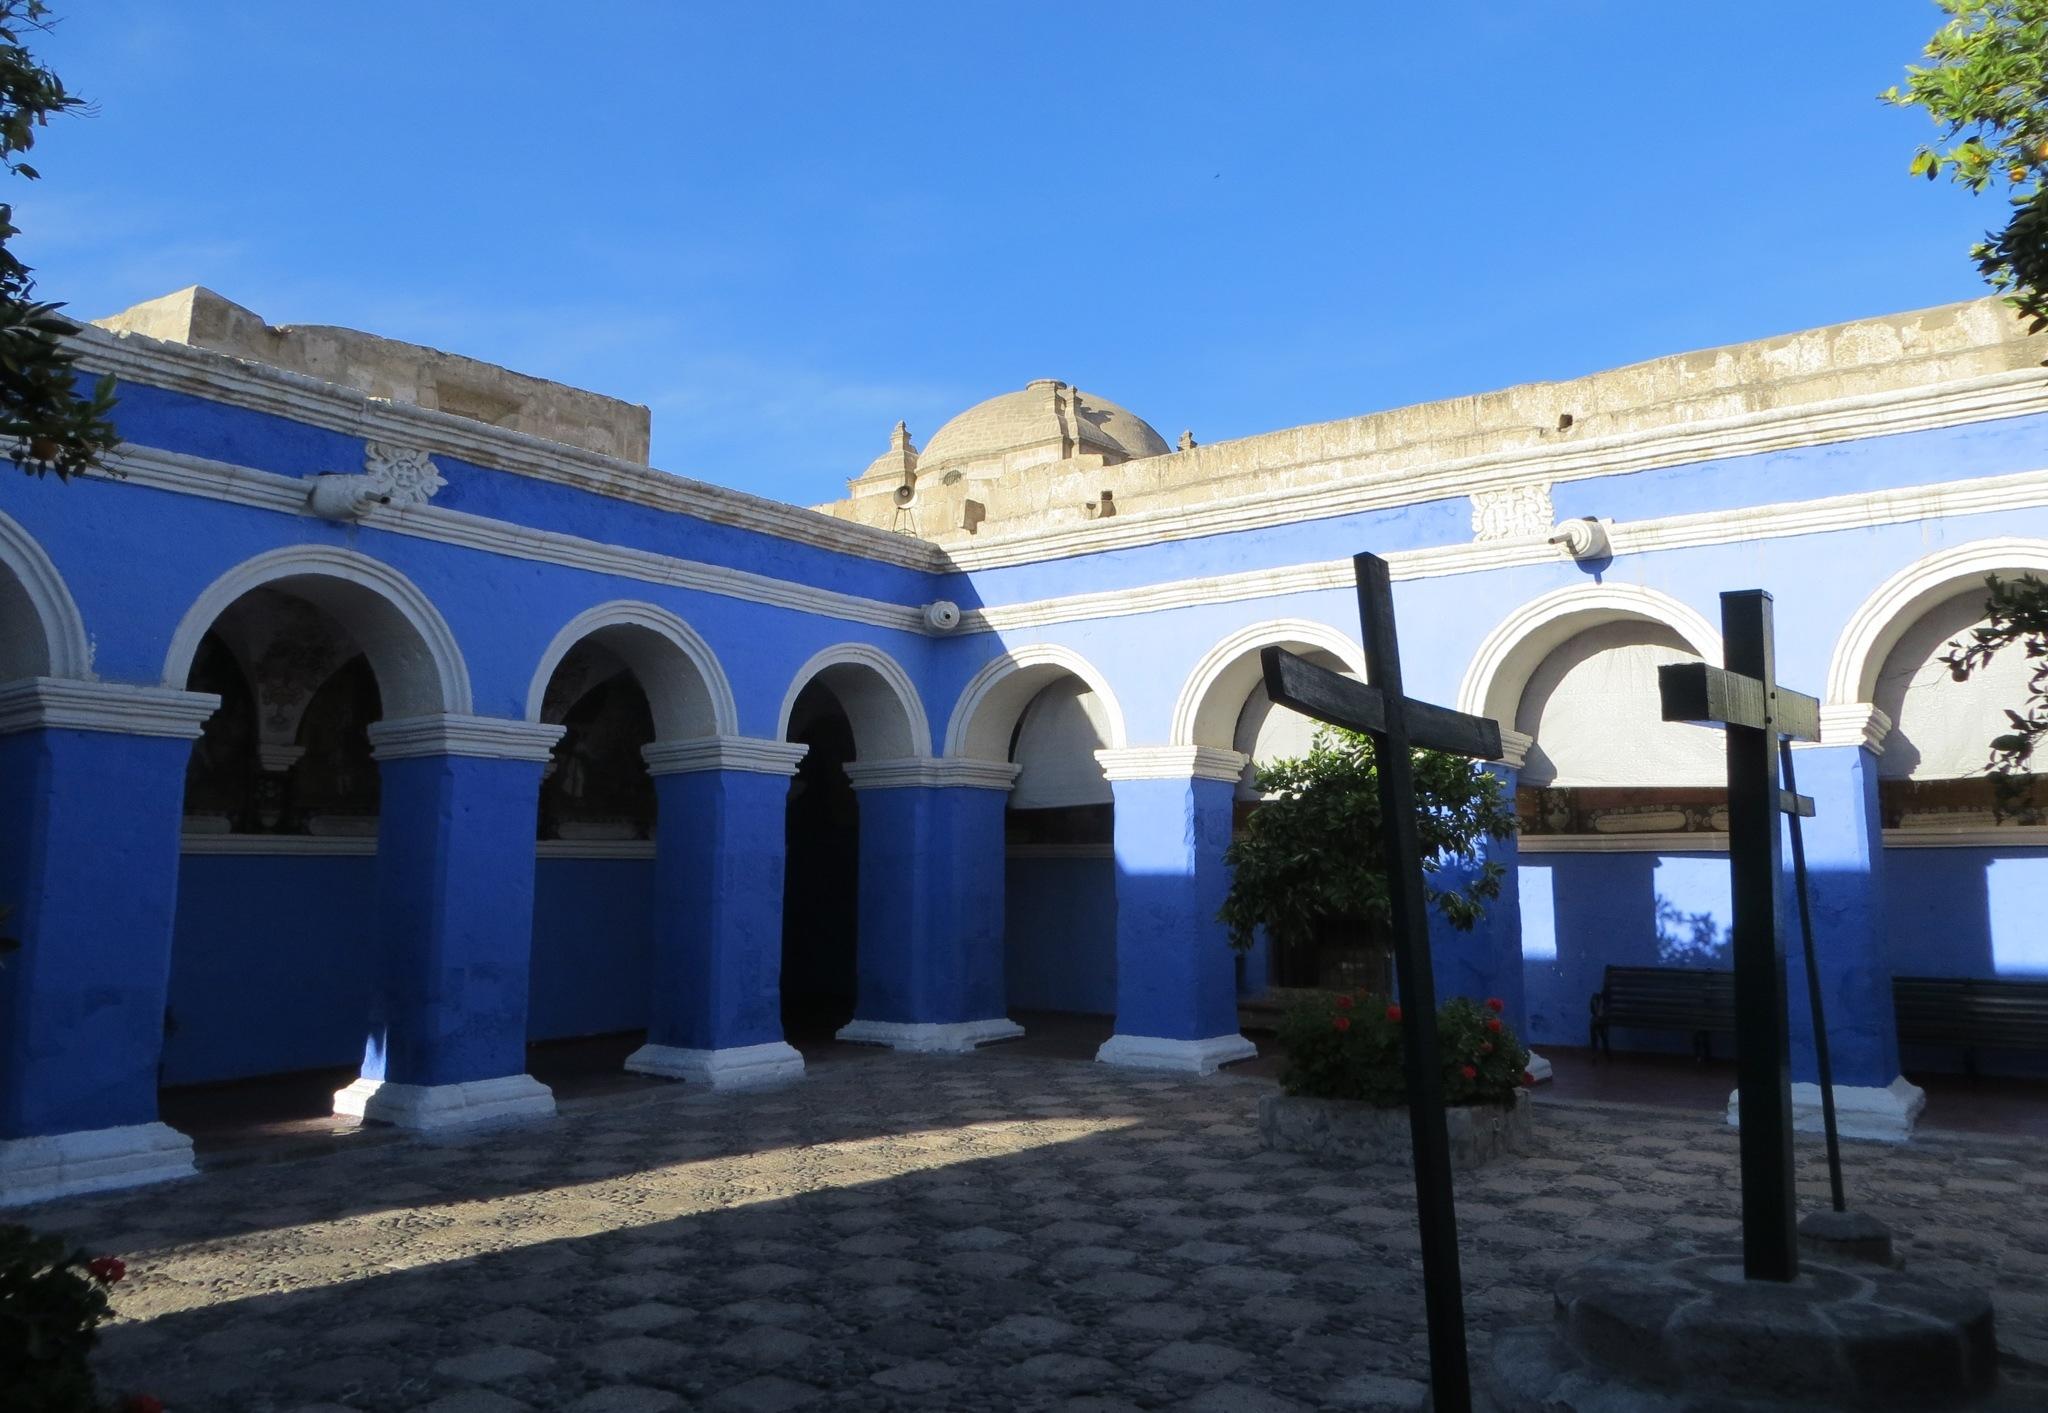 Blue_courtyard.JPG